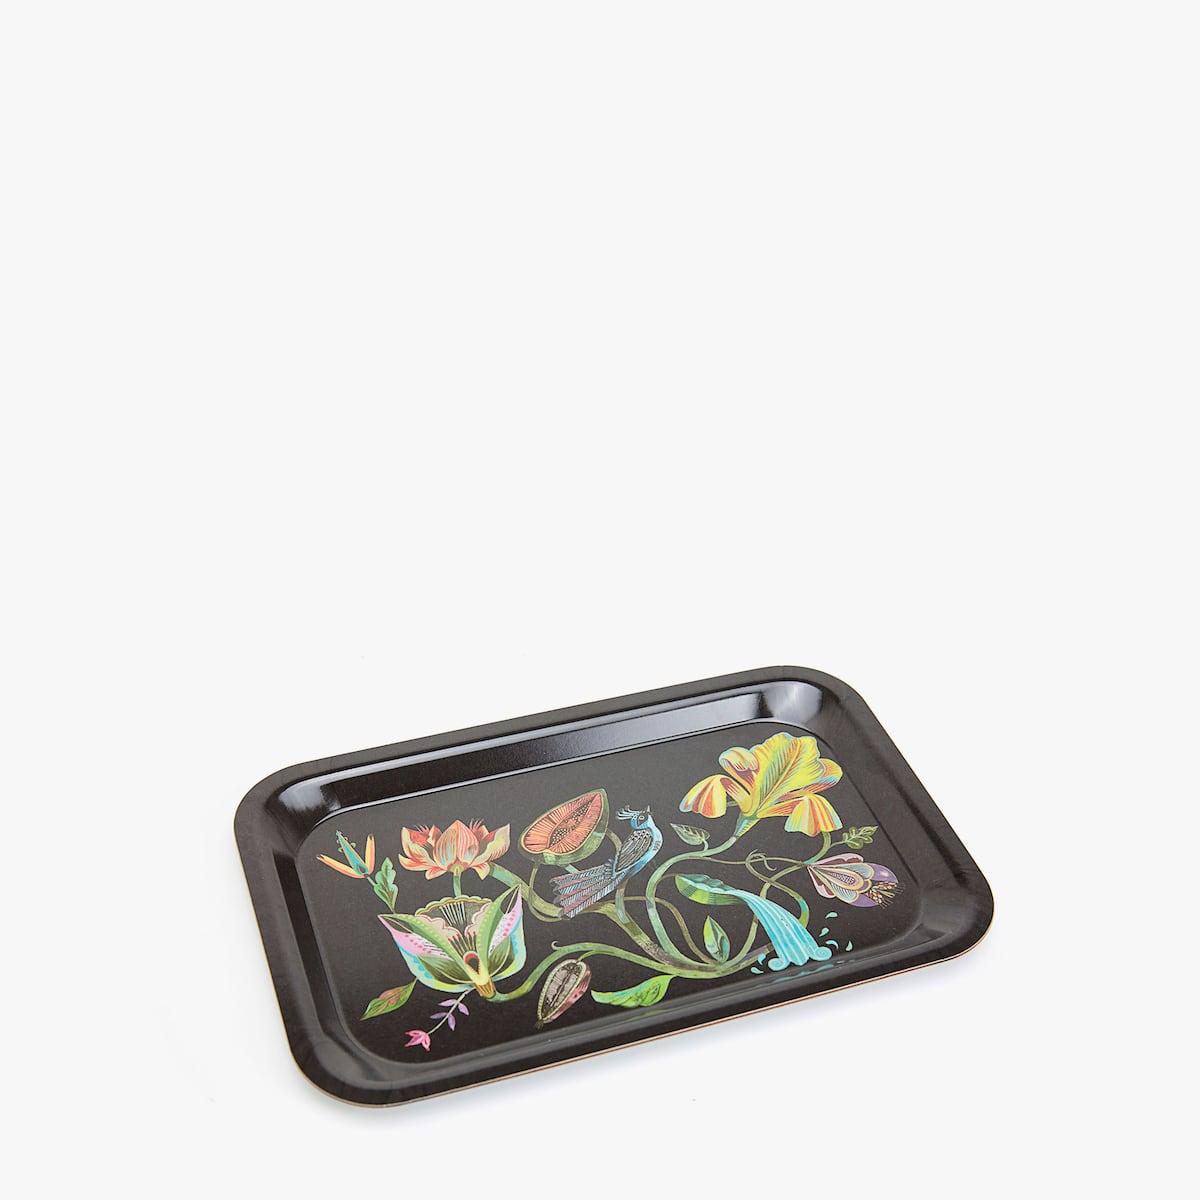 Afbeelding 5 van het product Dienblad met bloemenprint